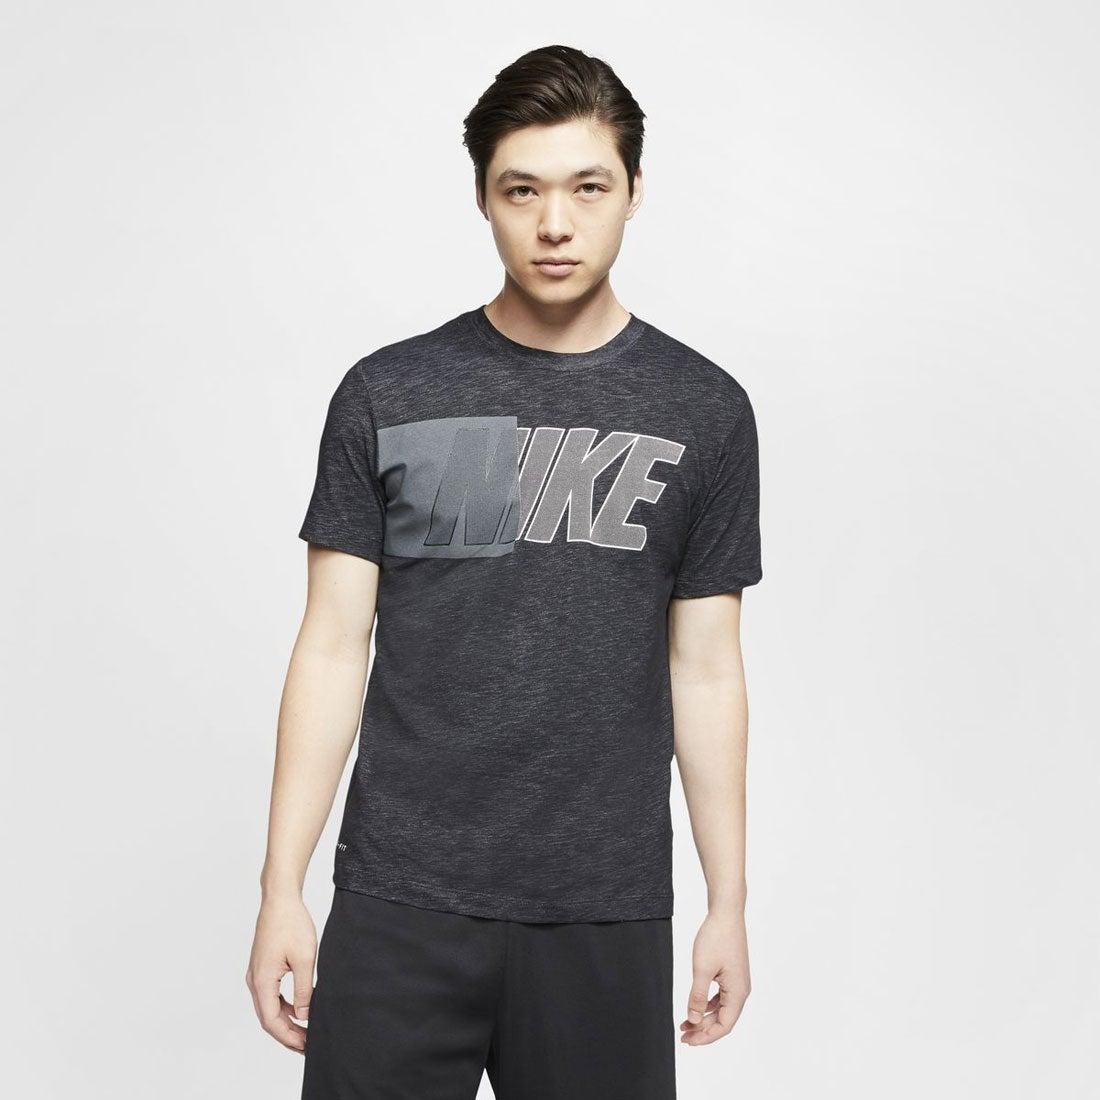 ナイキ NIKE メンズ 半袖機能Tシャツ ナイキ DFC NB SLUB Tシャツ CT6461010